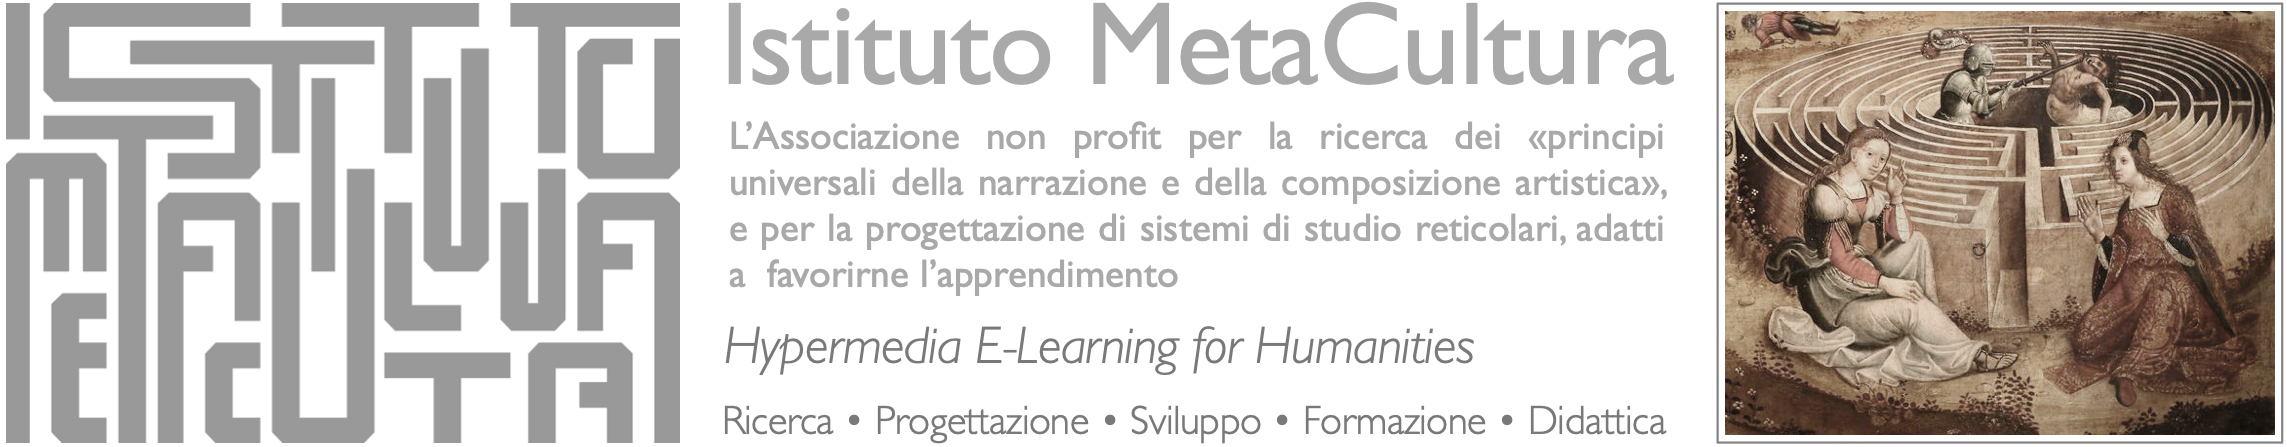 Istituto MetaCultura